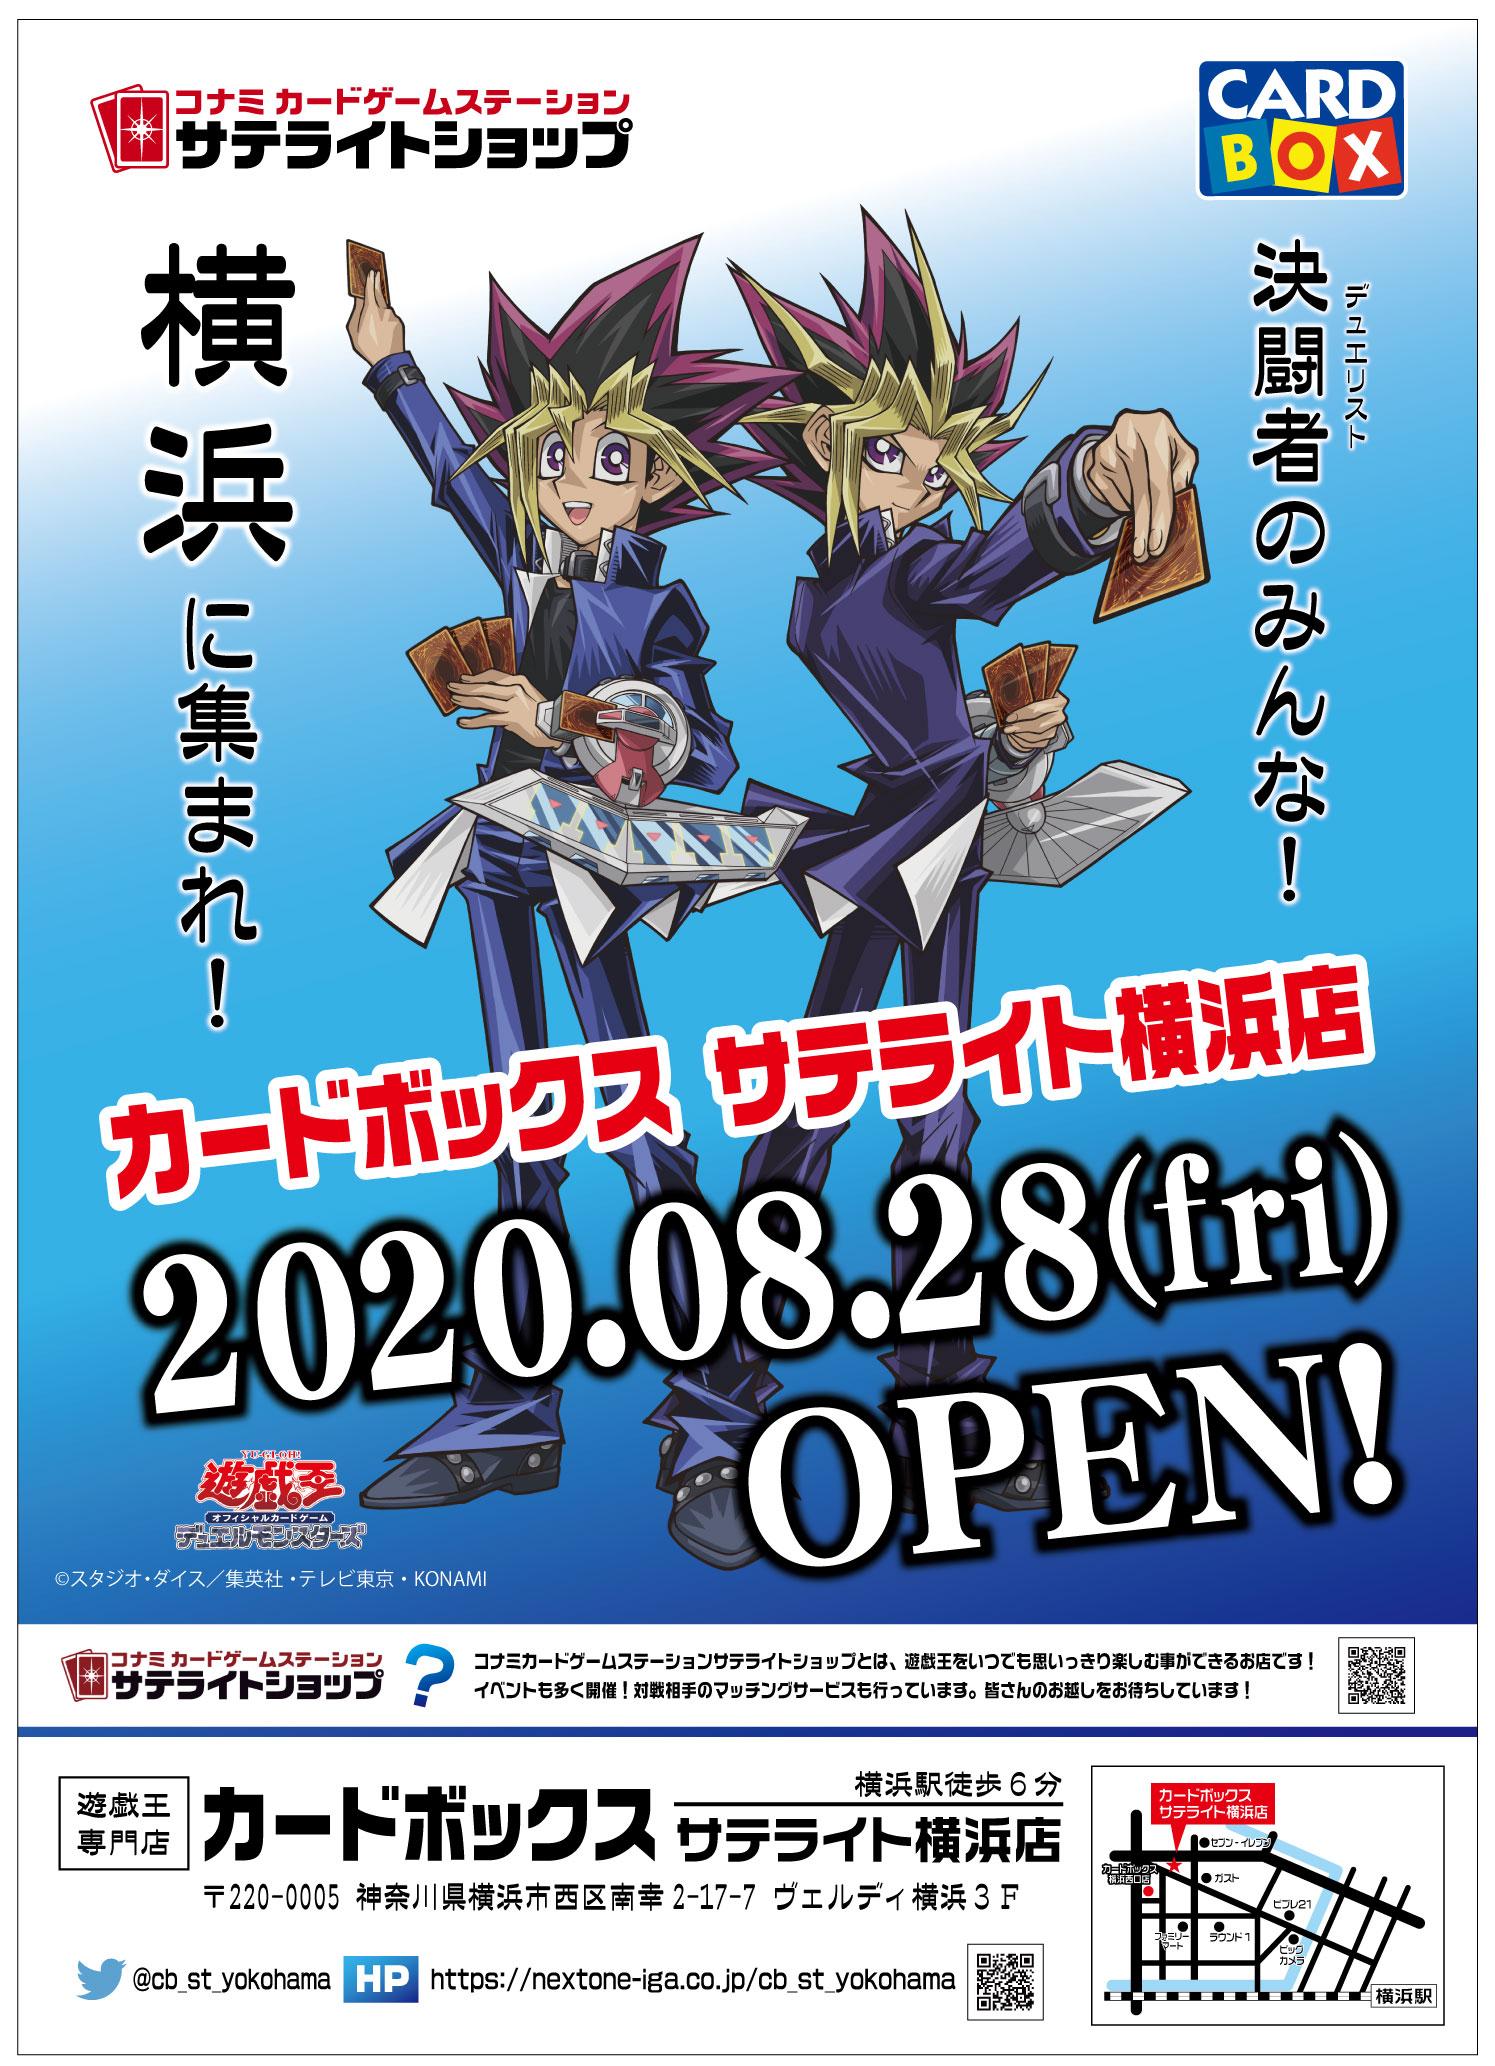 カードボックス サテライト横浜店オープン